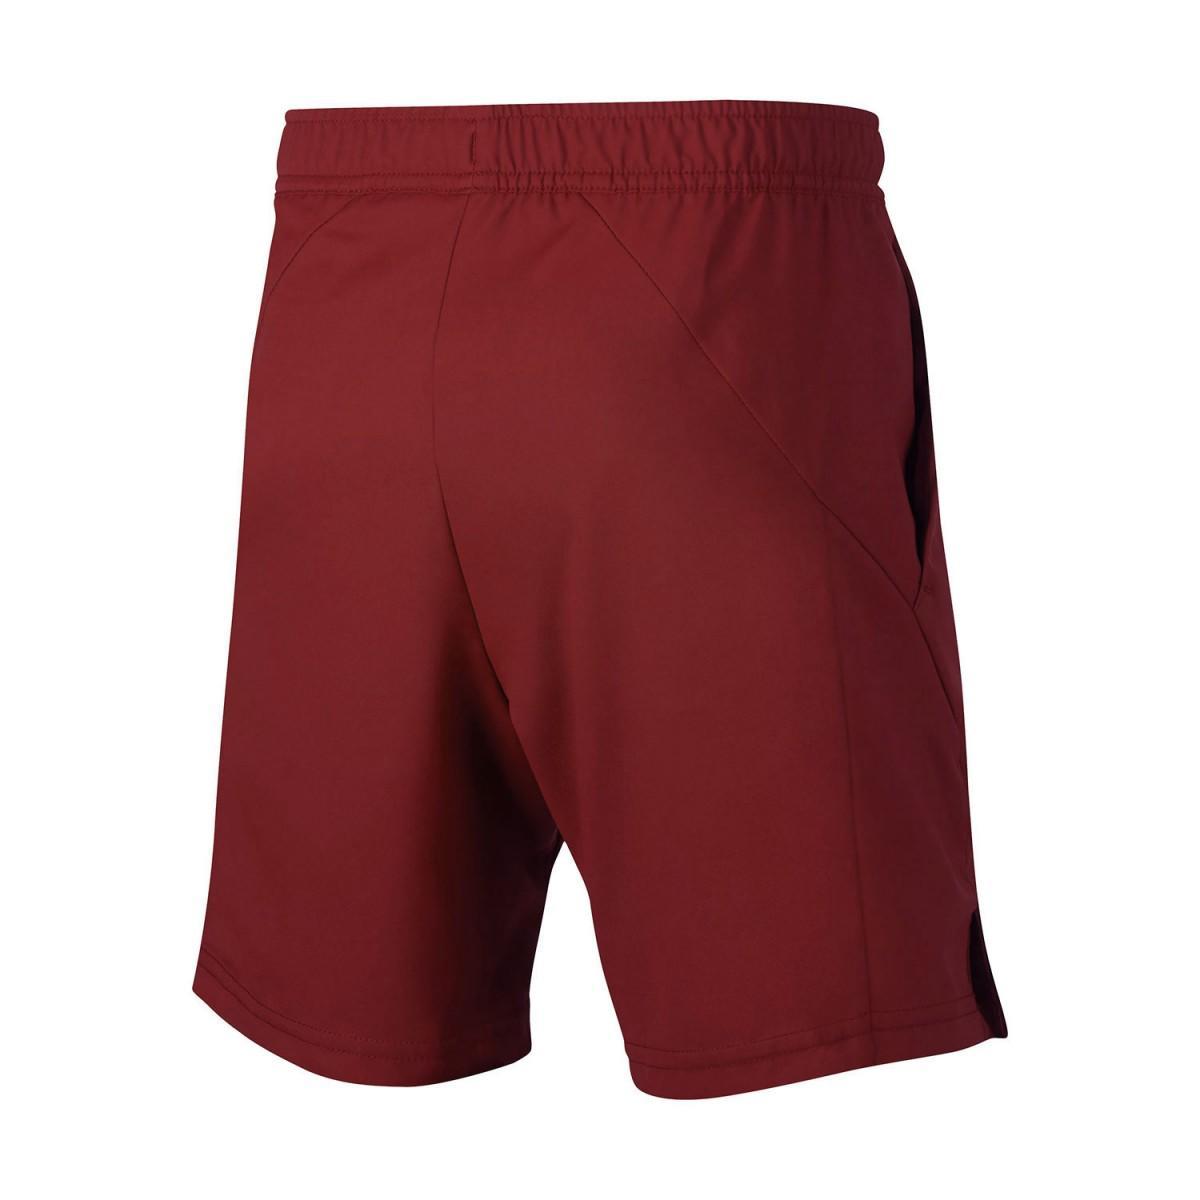 Теннисные шорты детские Nike B Court Dry Short team crimson/black